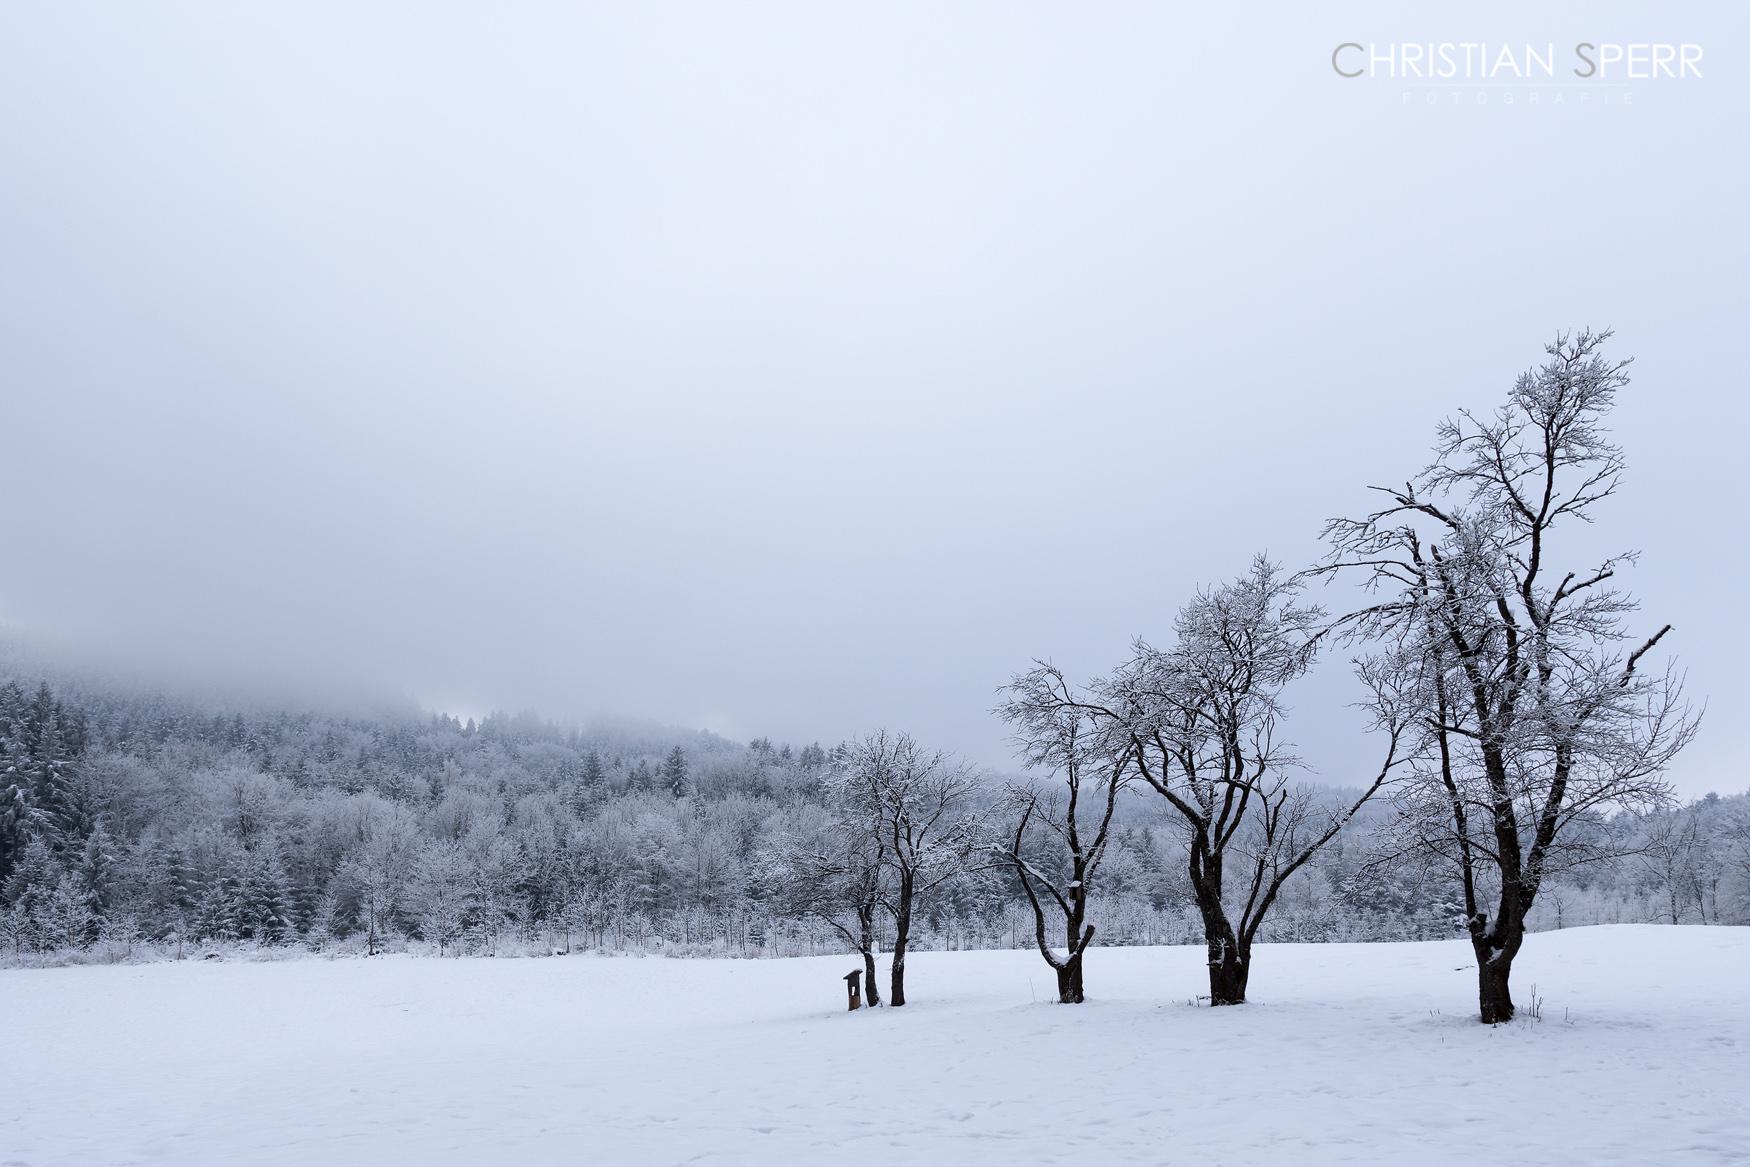 sperr-landscapes-01-13